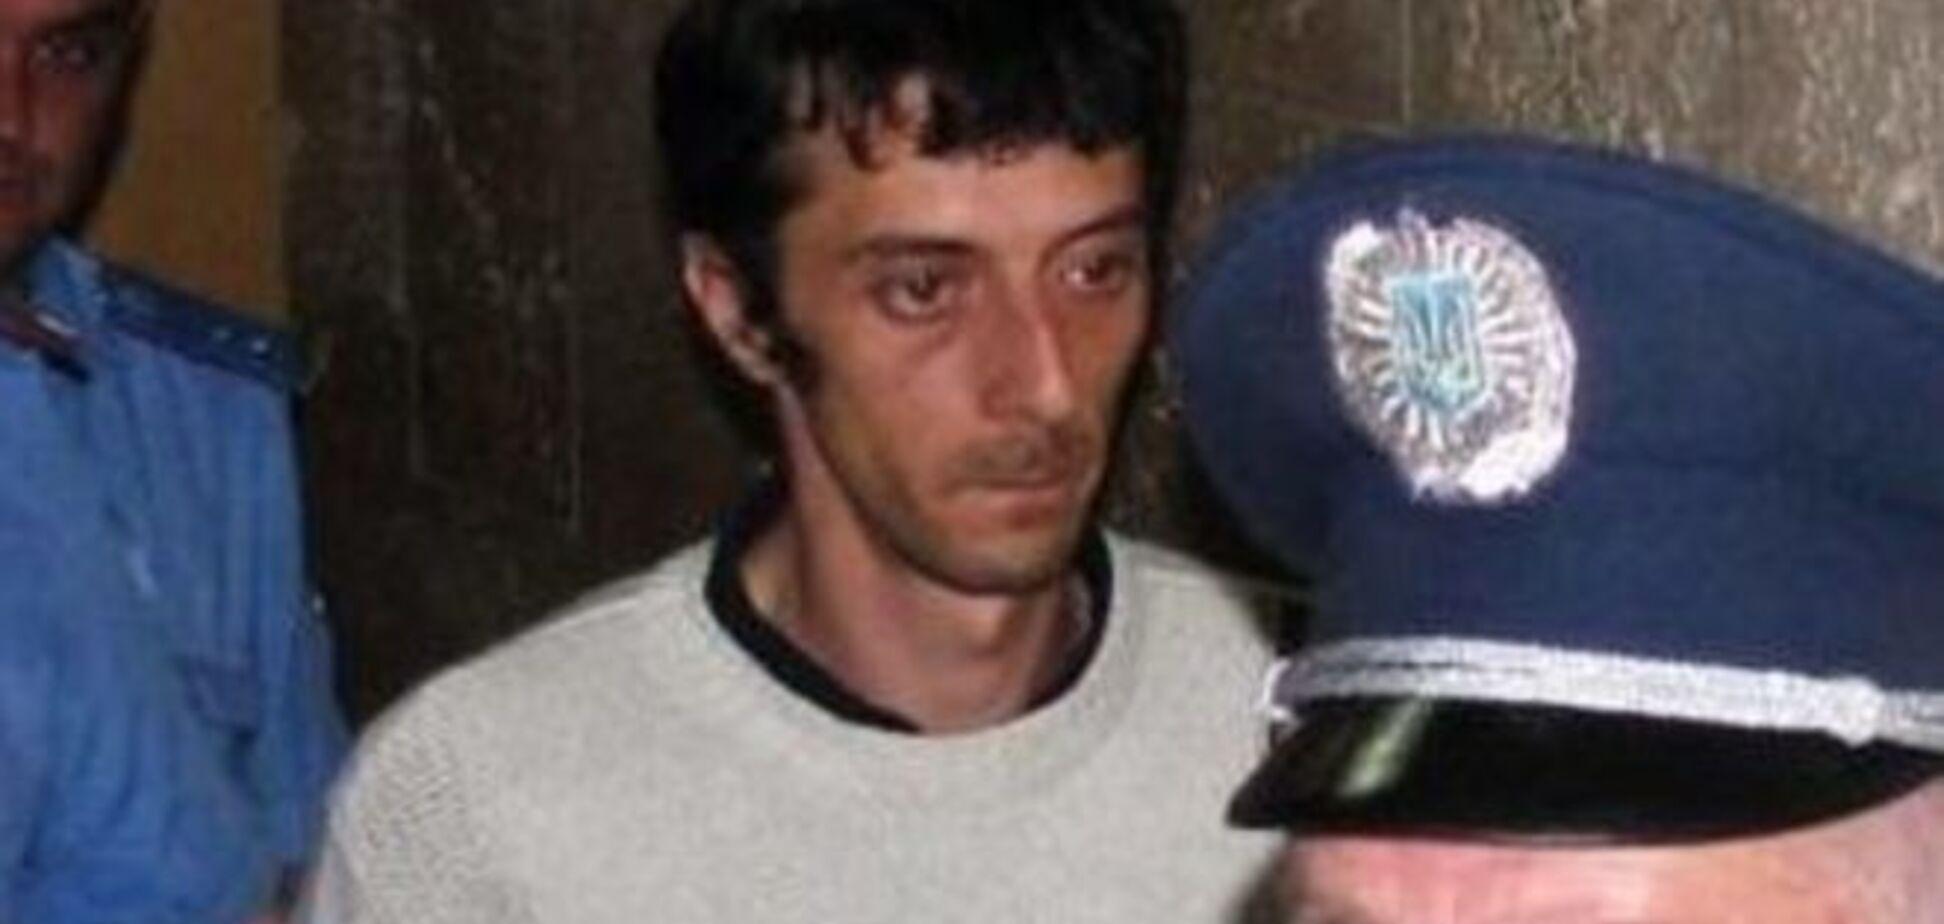 Суд присяжных признал Джемилева-младшего невиновным в умышленном убийстве